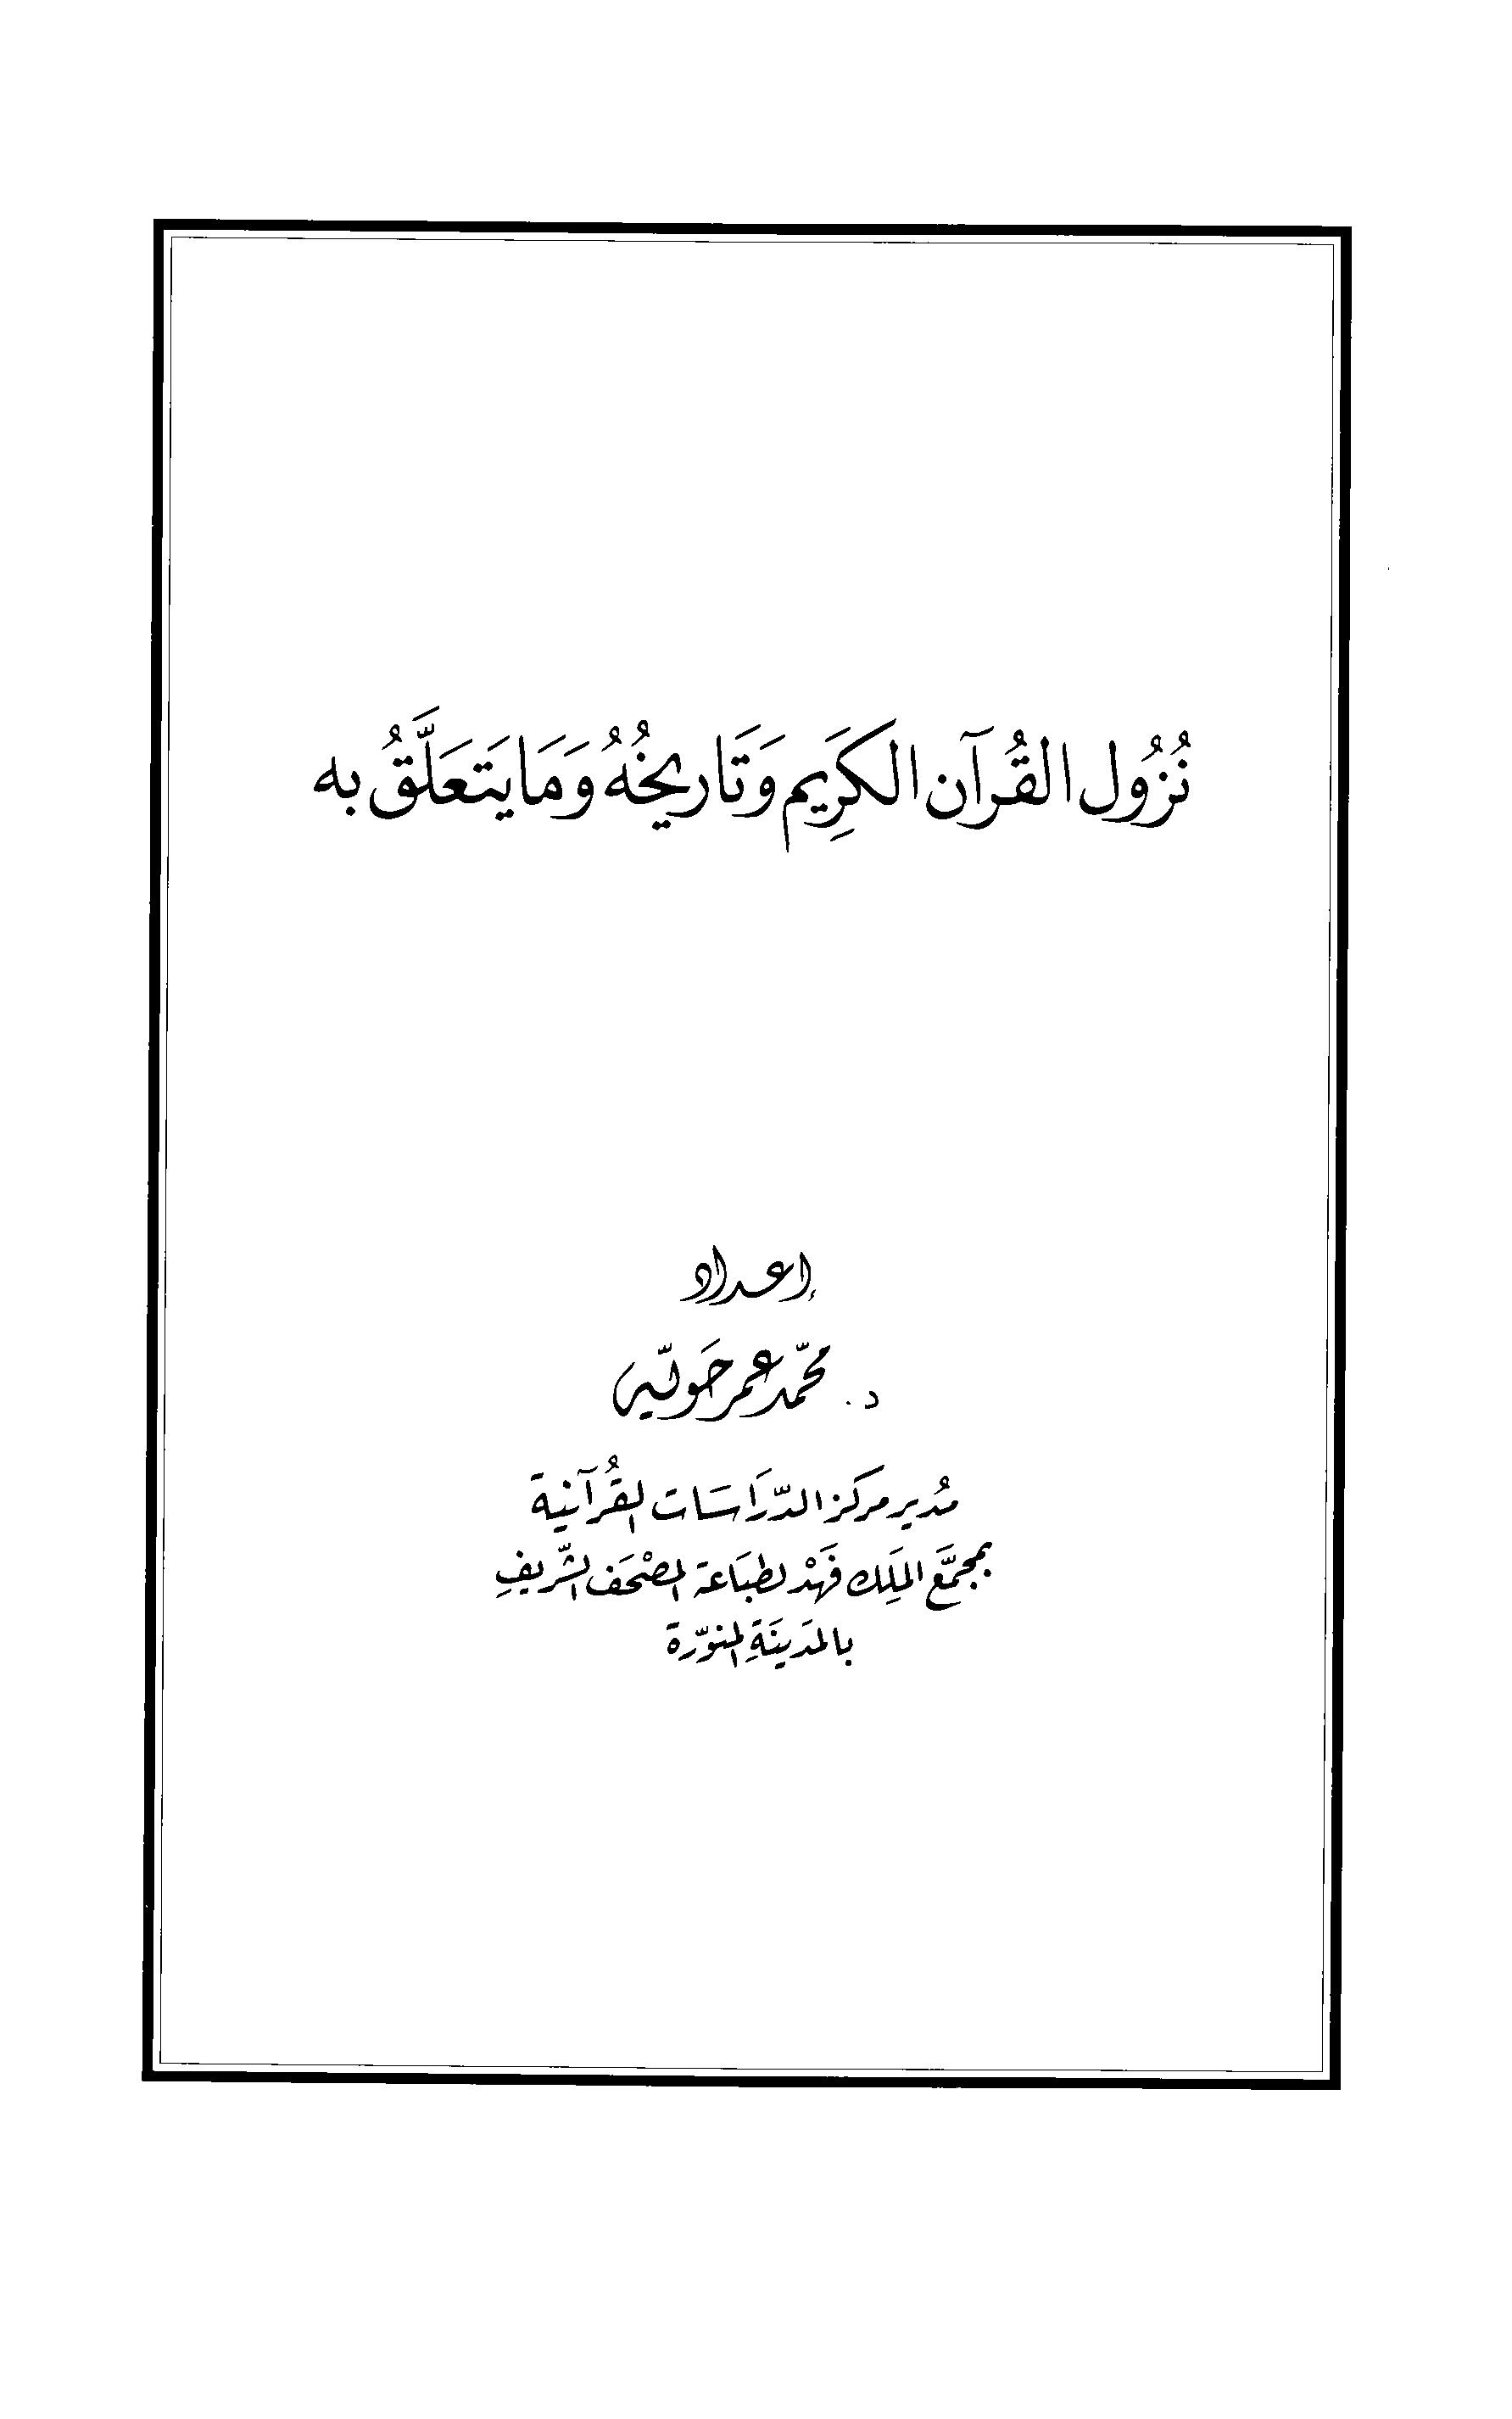 تحميل كتاب نزول القرآن الكريم وتاريخه وما يتعلق به لـِ: الدكتور محمد عمر حويه